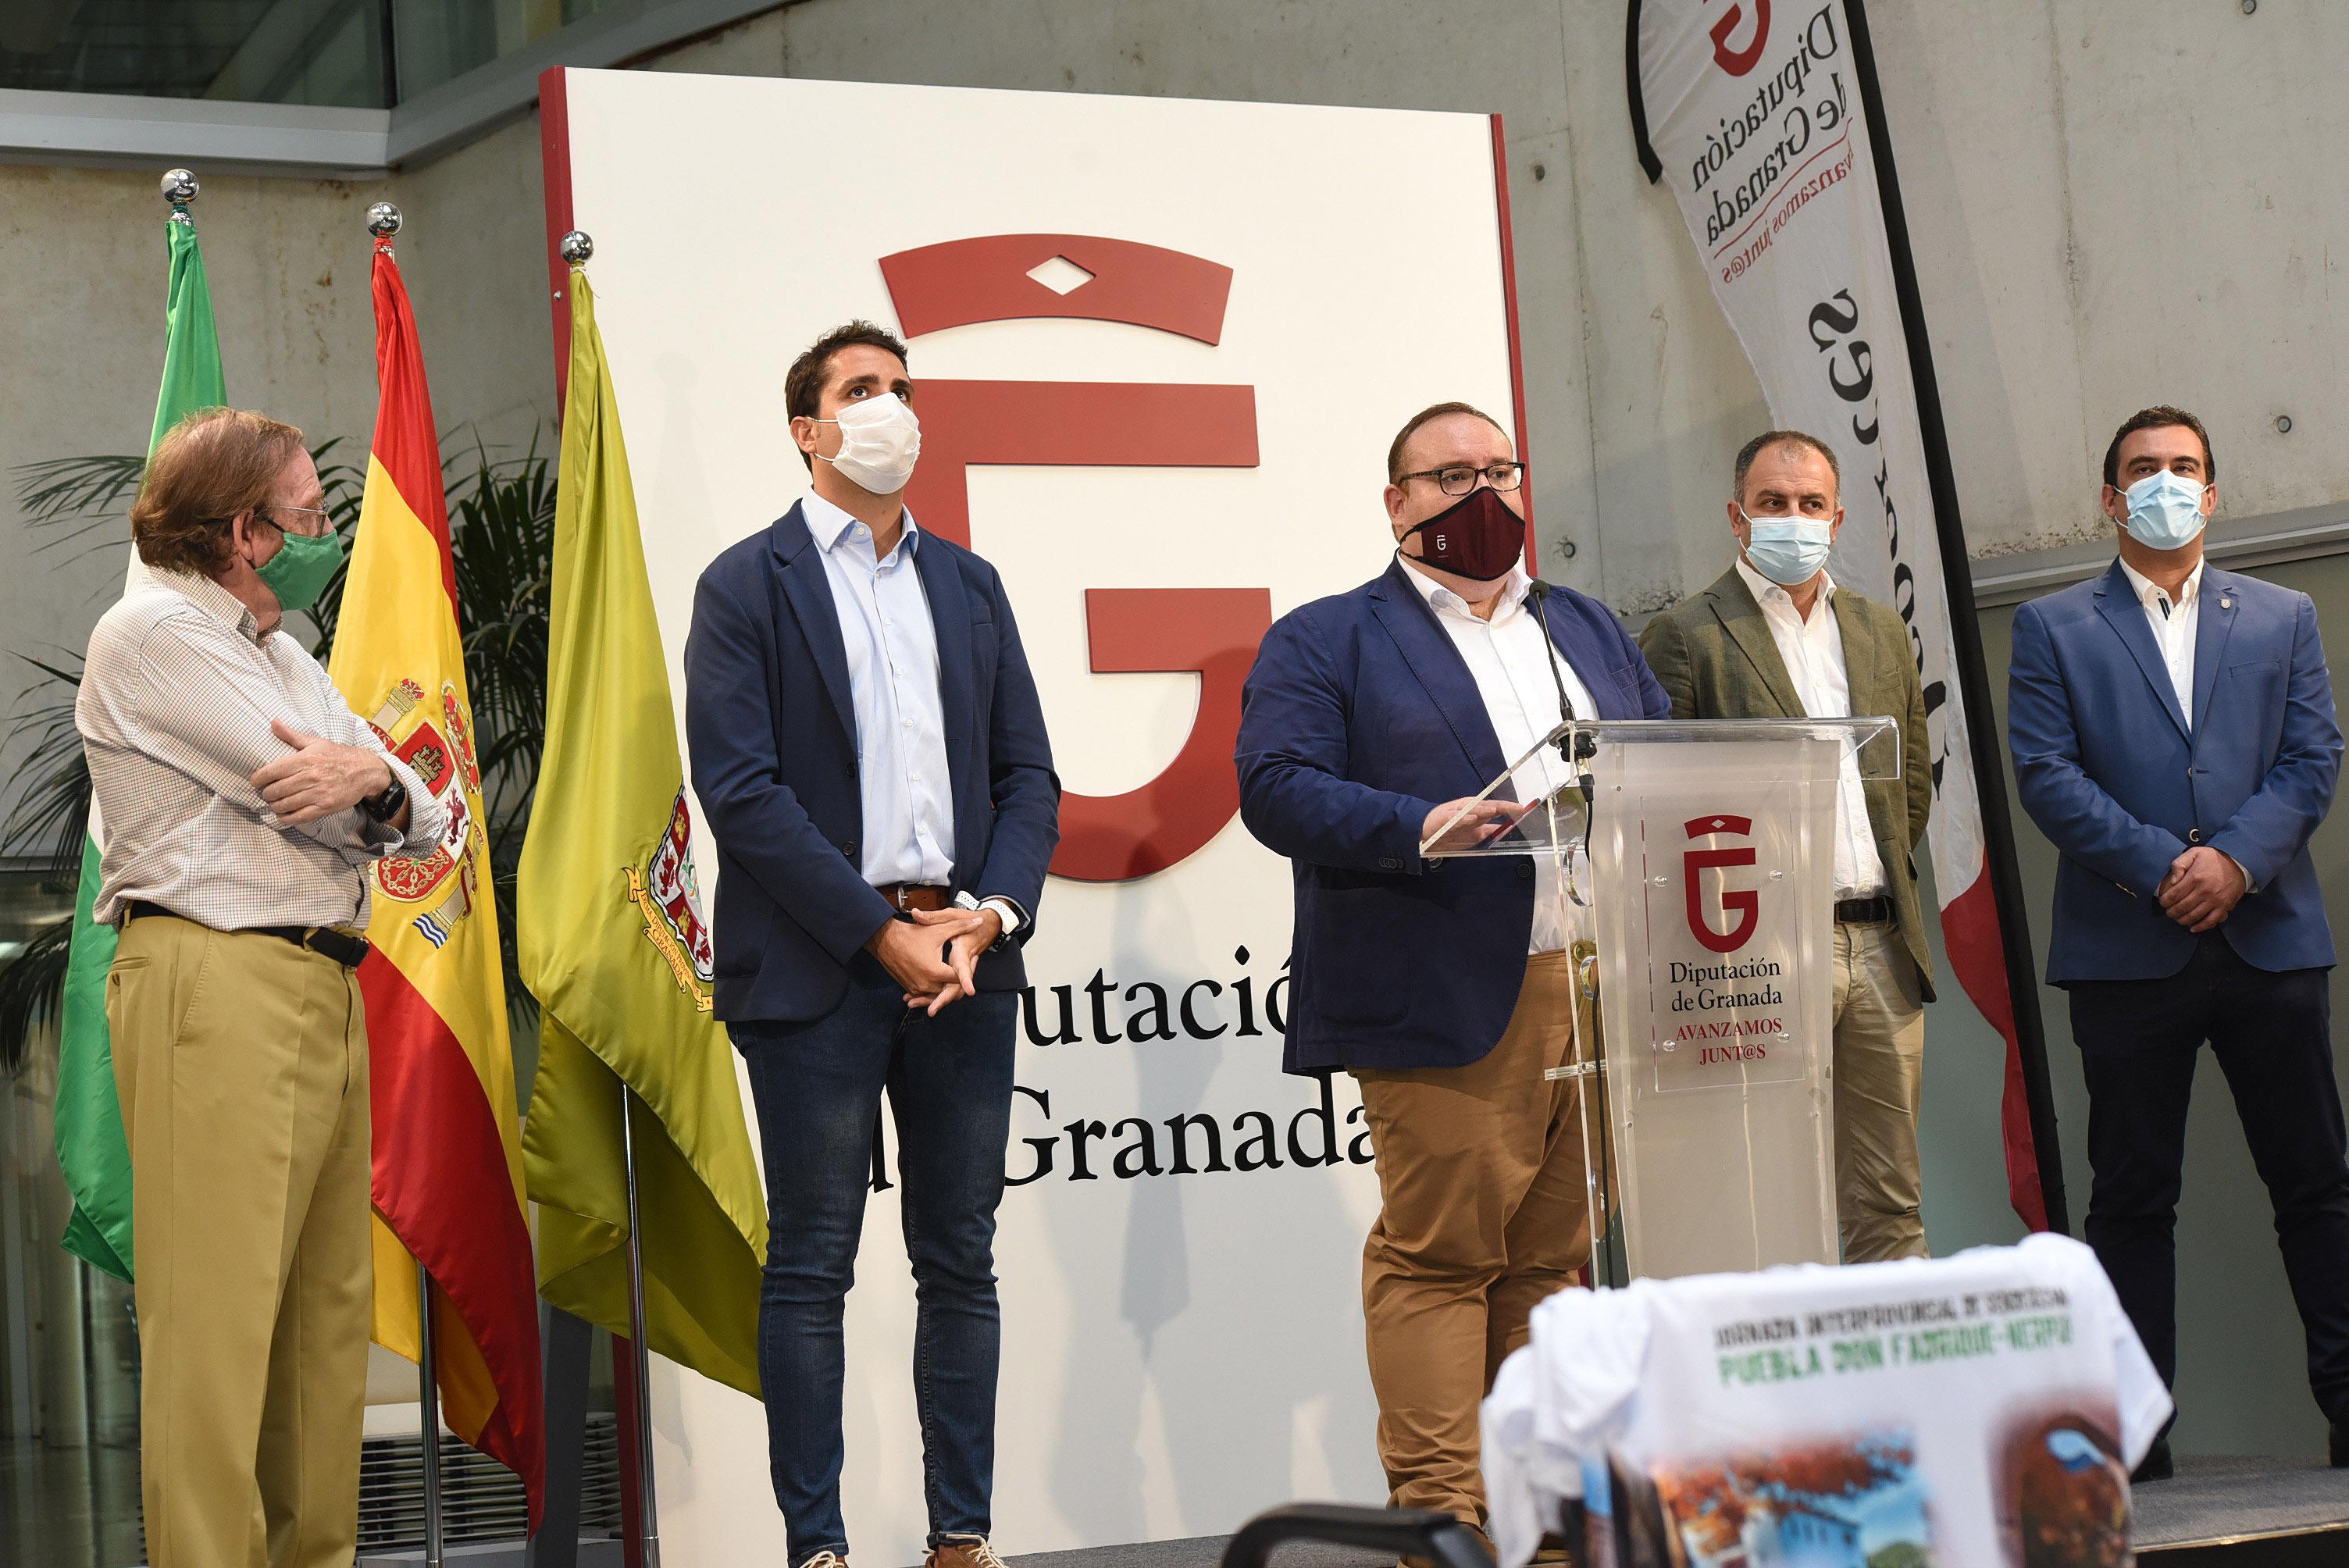 200 senderistas recorrerán 11 kilómetros de ruta para unir Granada y Albacete